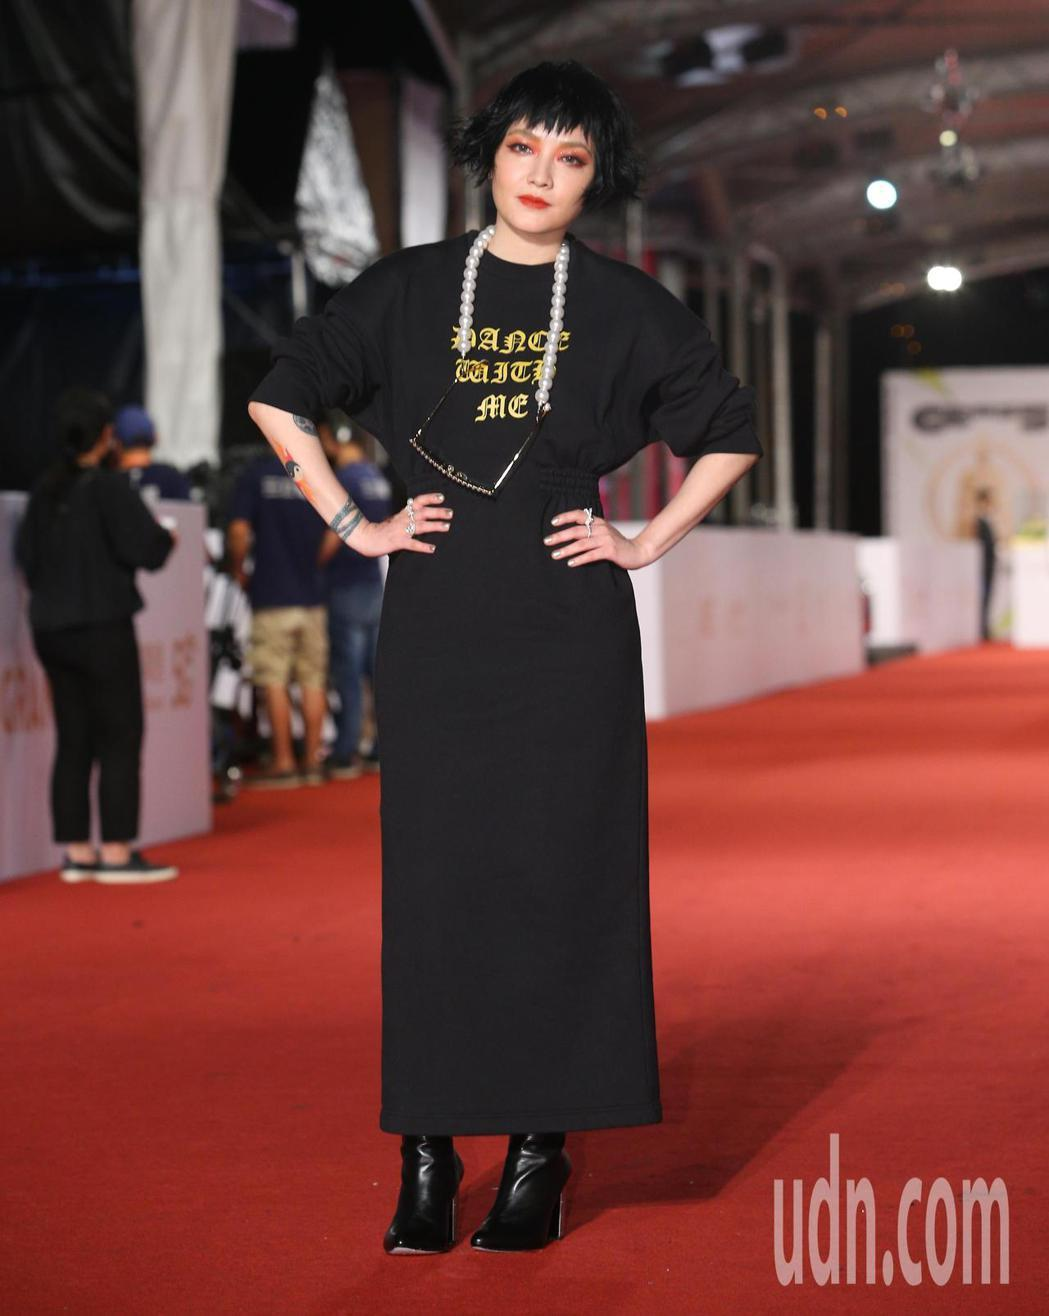 范曉萱以一派酷酷的姿態表示,「不管別人怎麼想,自己穿得舒服、有趣就好了。」記者余...